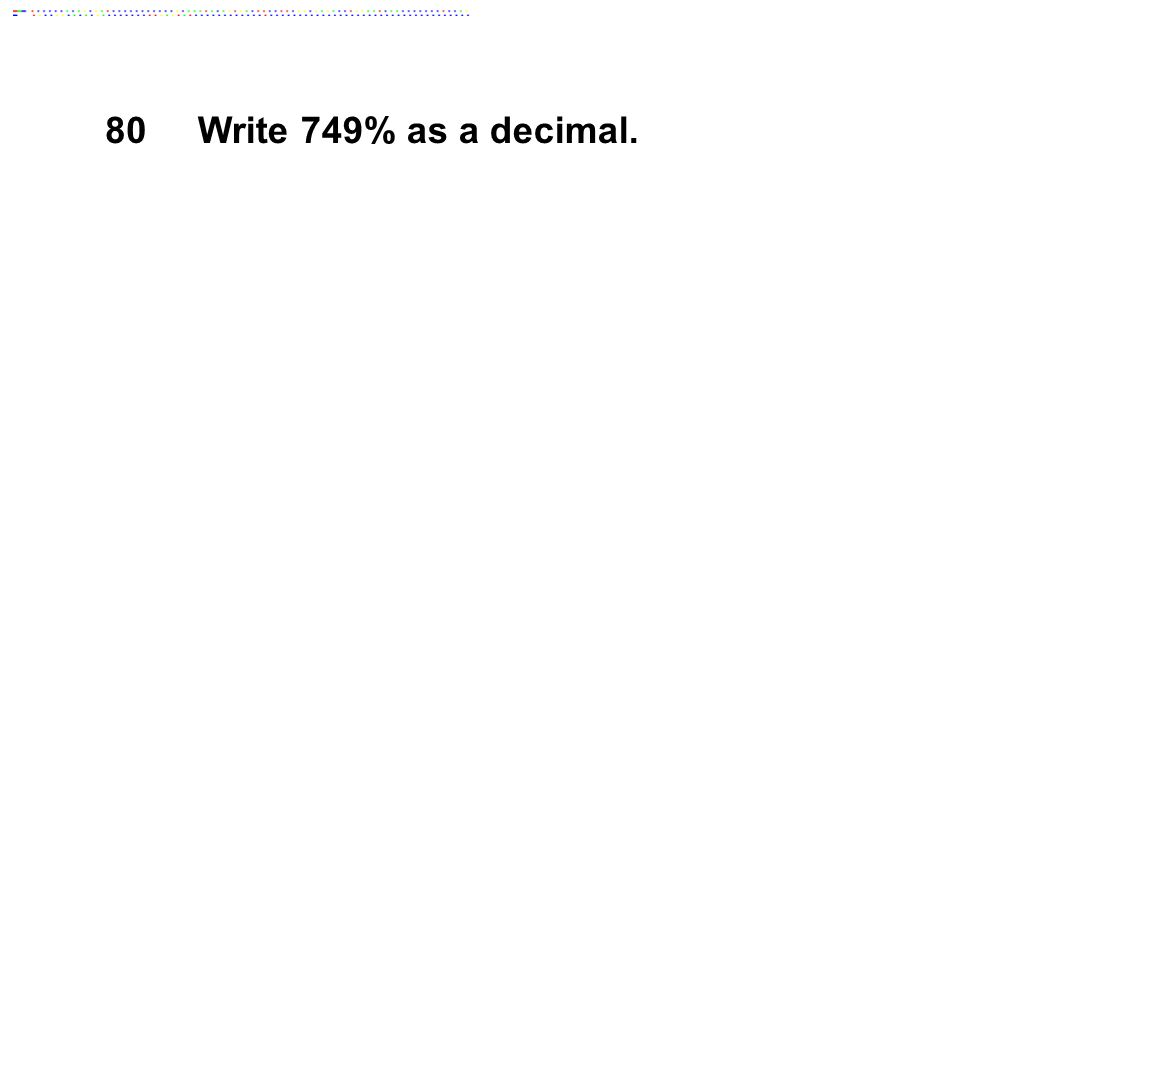 80Write 749% as a decimal.